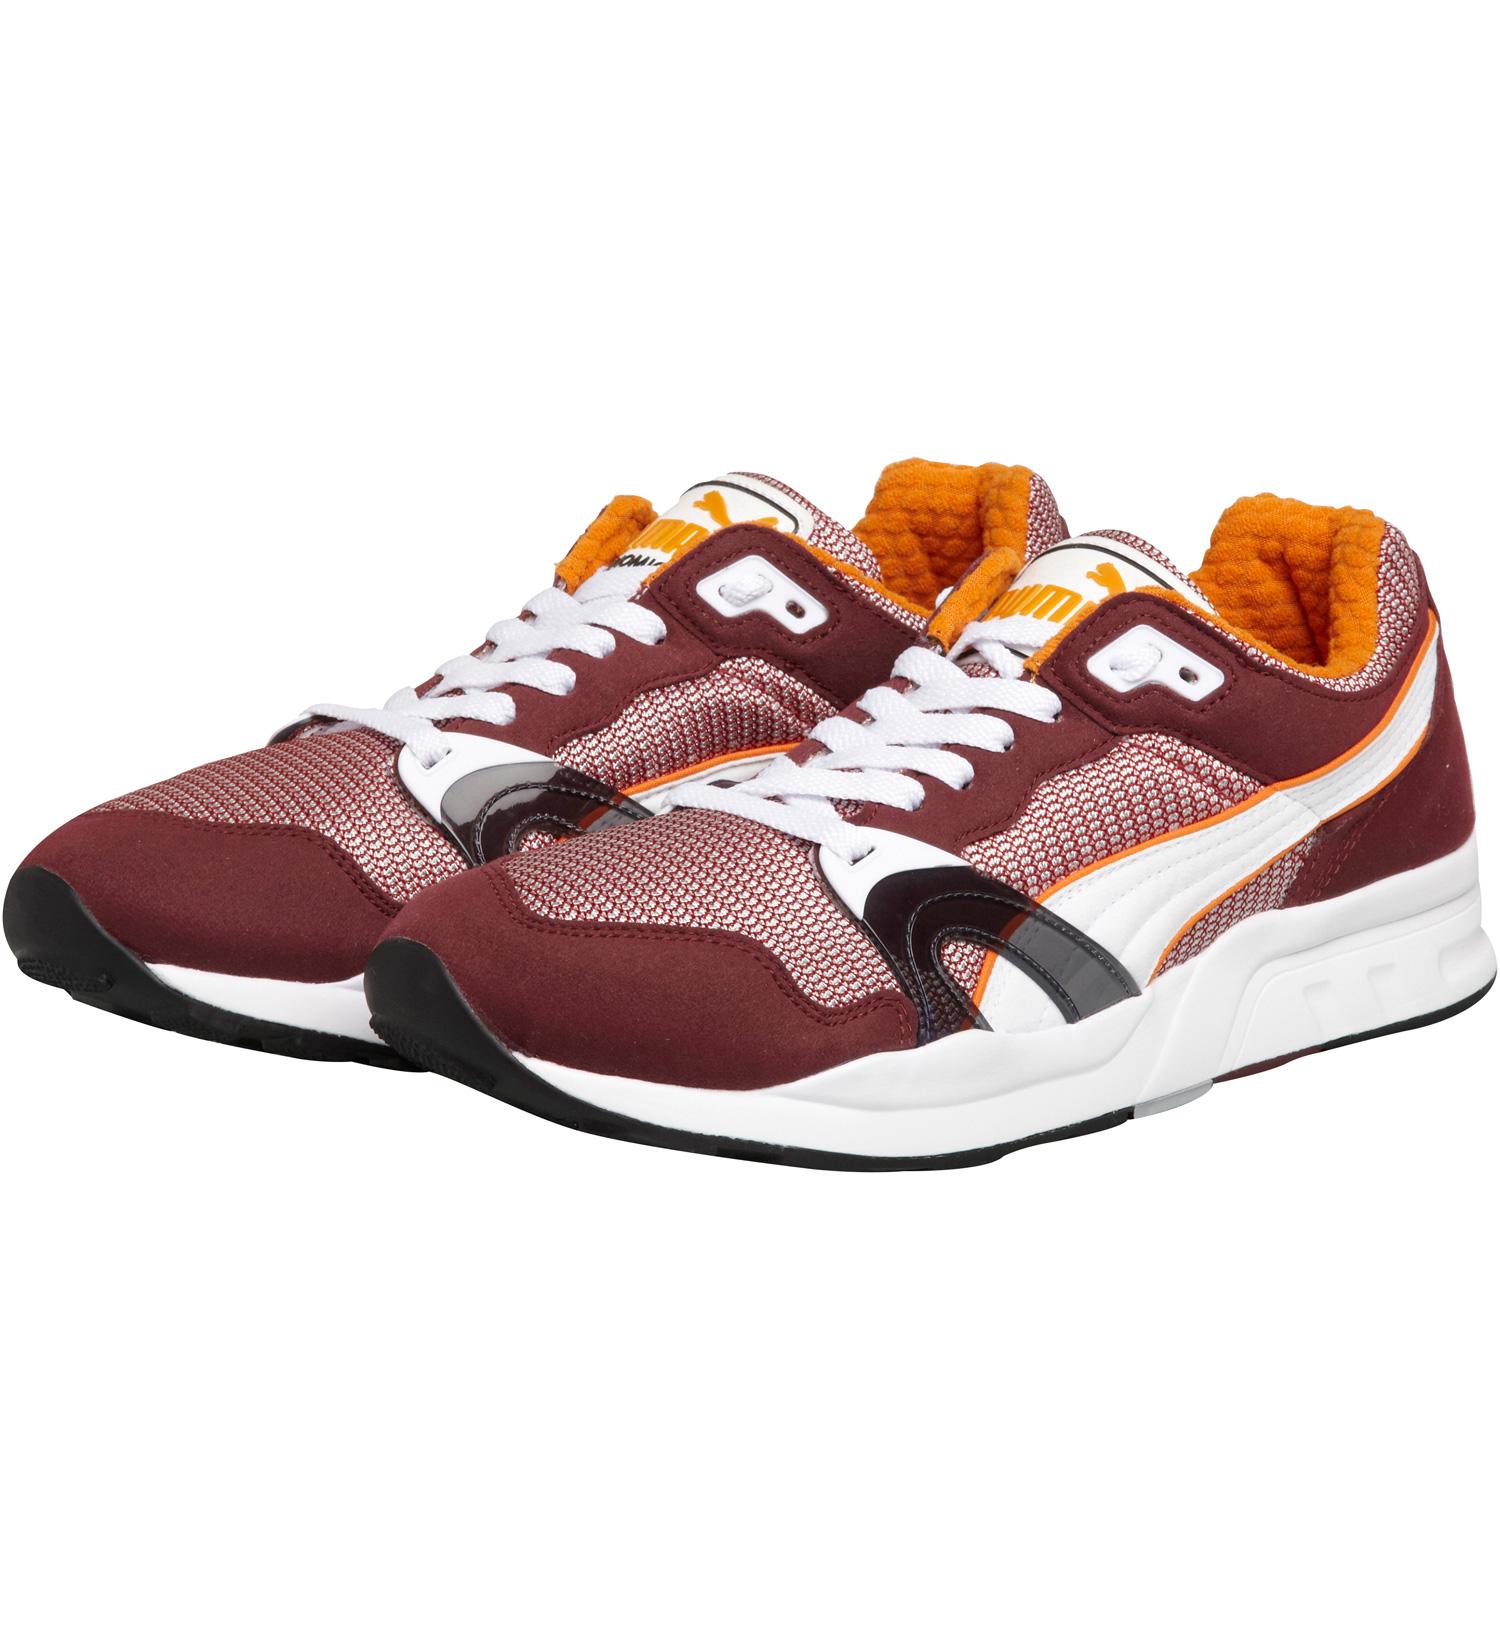 Chaussures de Running Puma Trinomic XT1 Plus Bordeaux